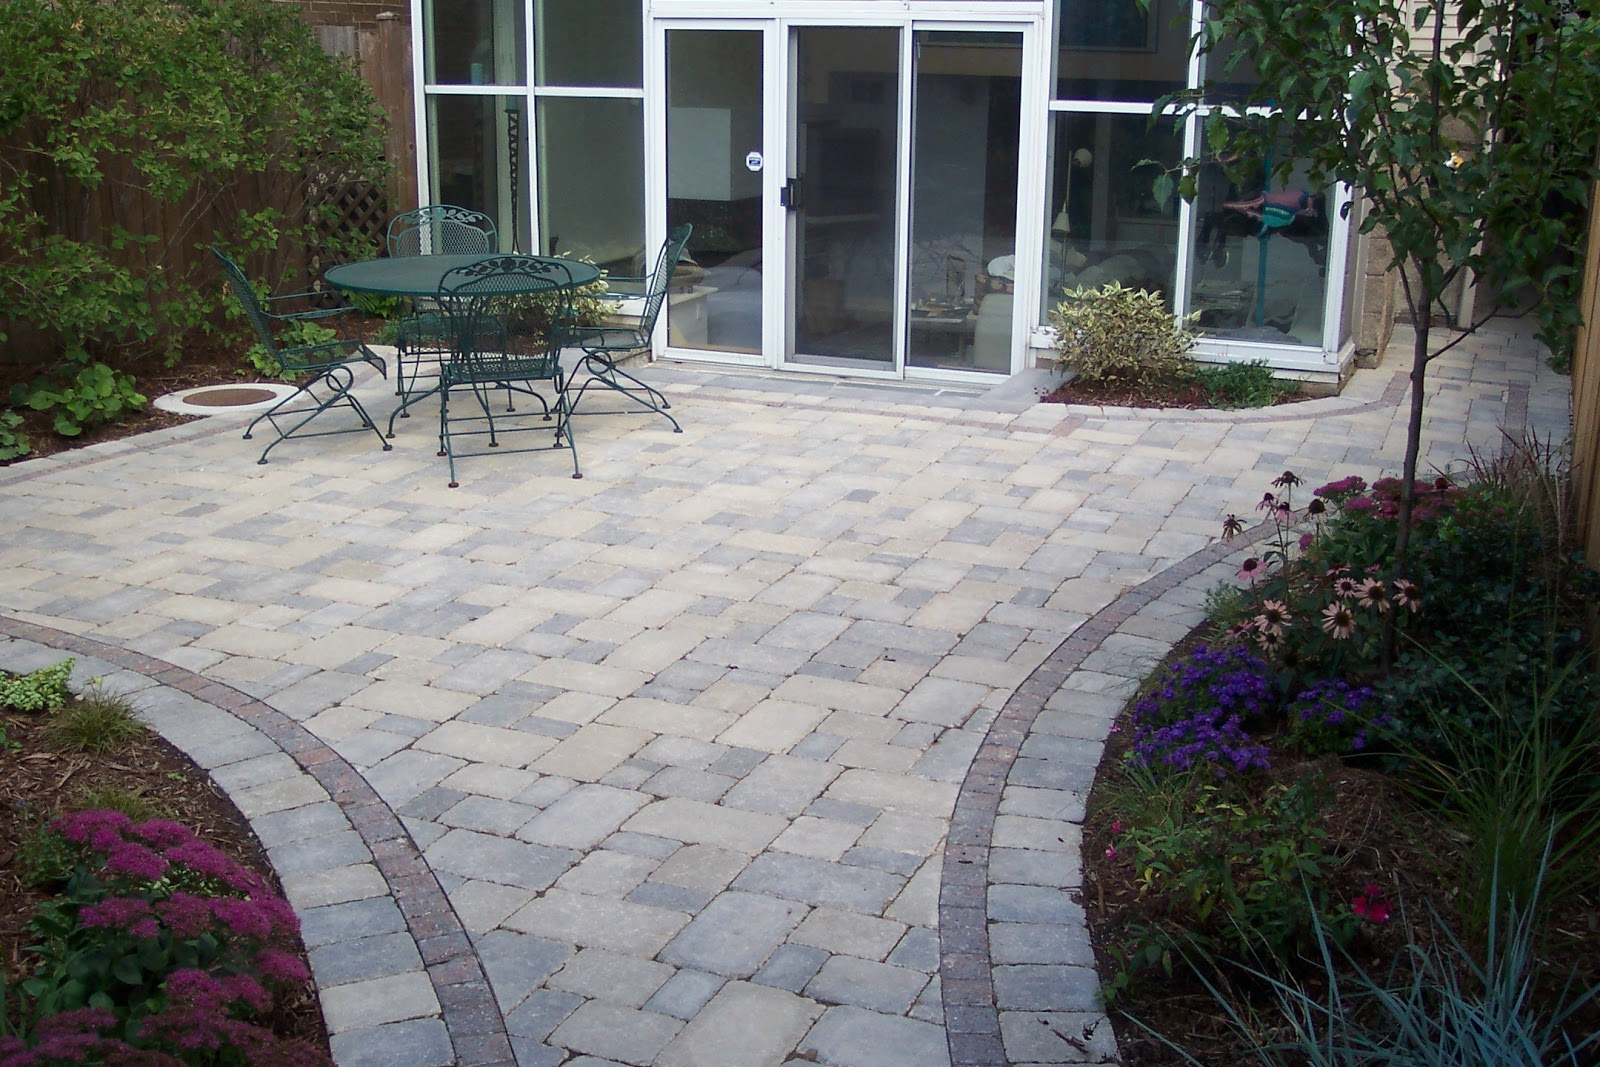 Brick Patio Wall Designs: Brick Patios Designs